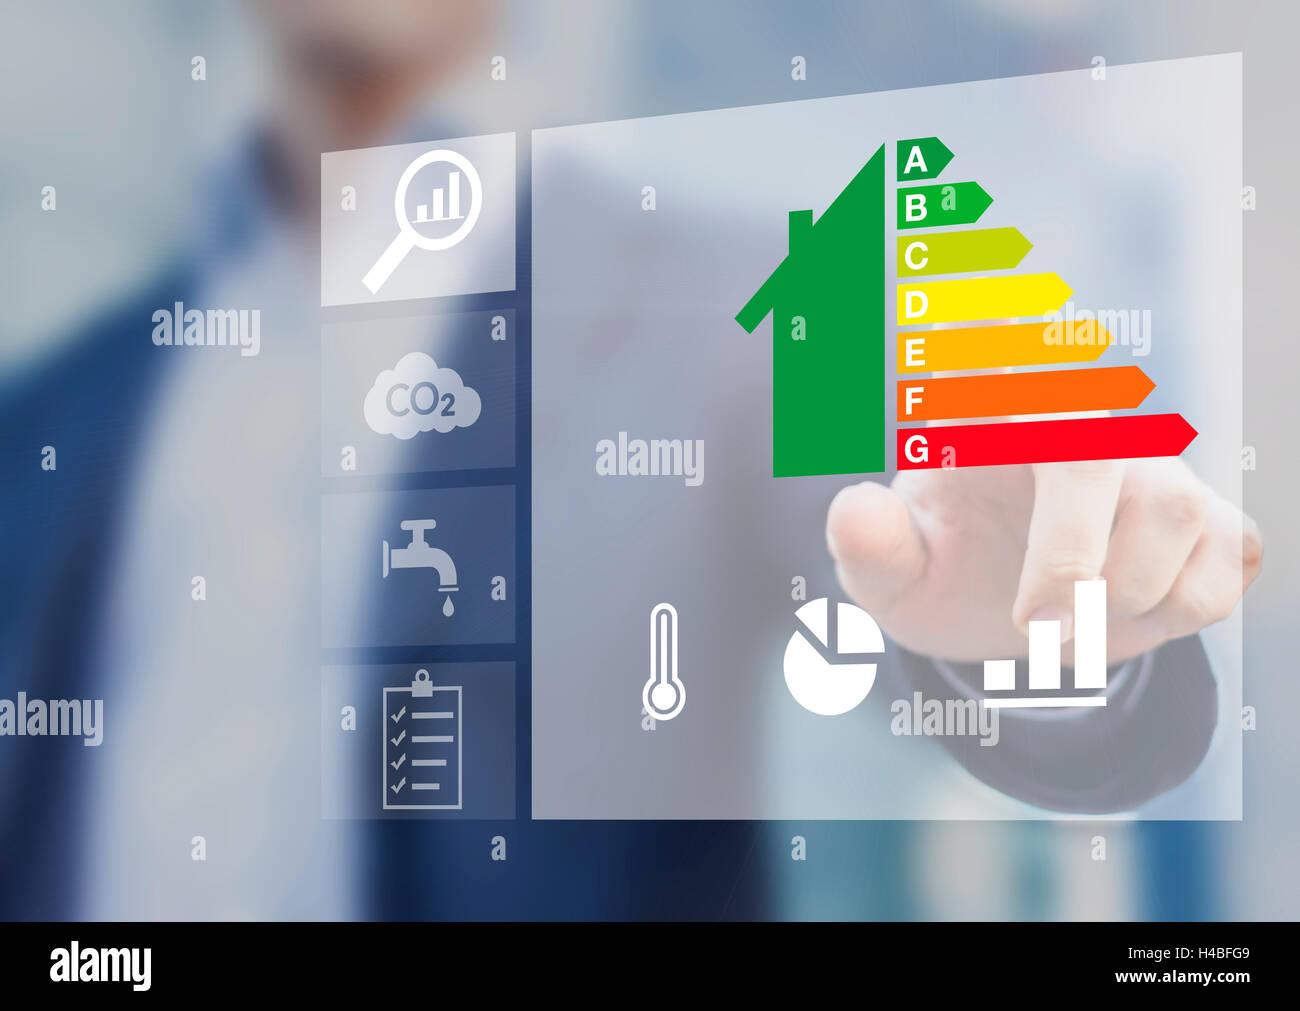 Calificación de eficiencia energética de edificios para el desarrollo sostenible Imagen De Stock